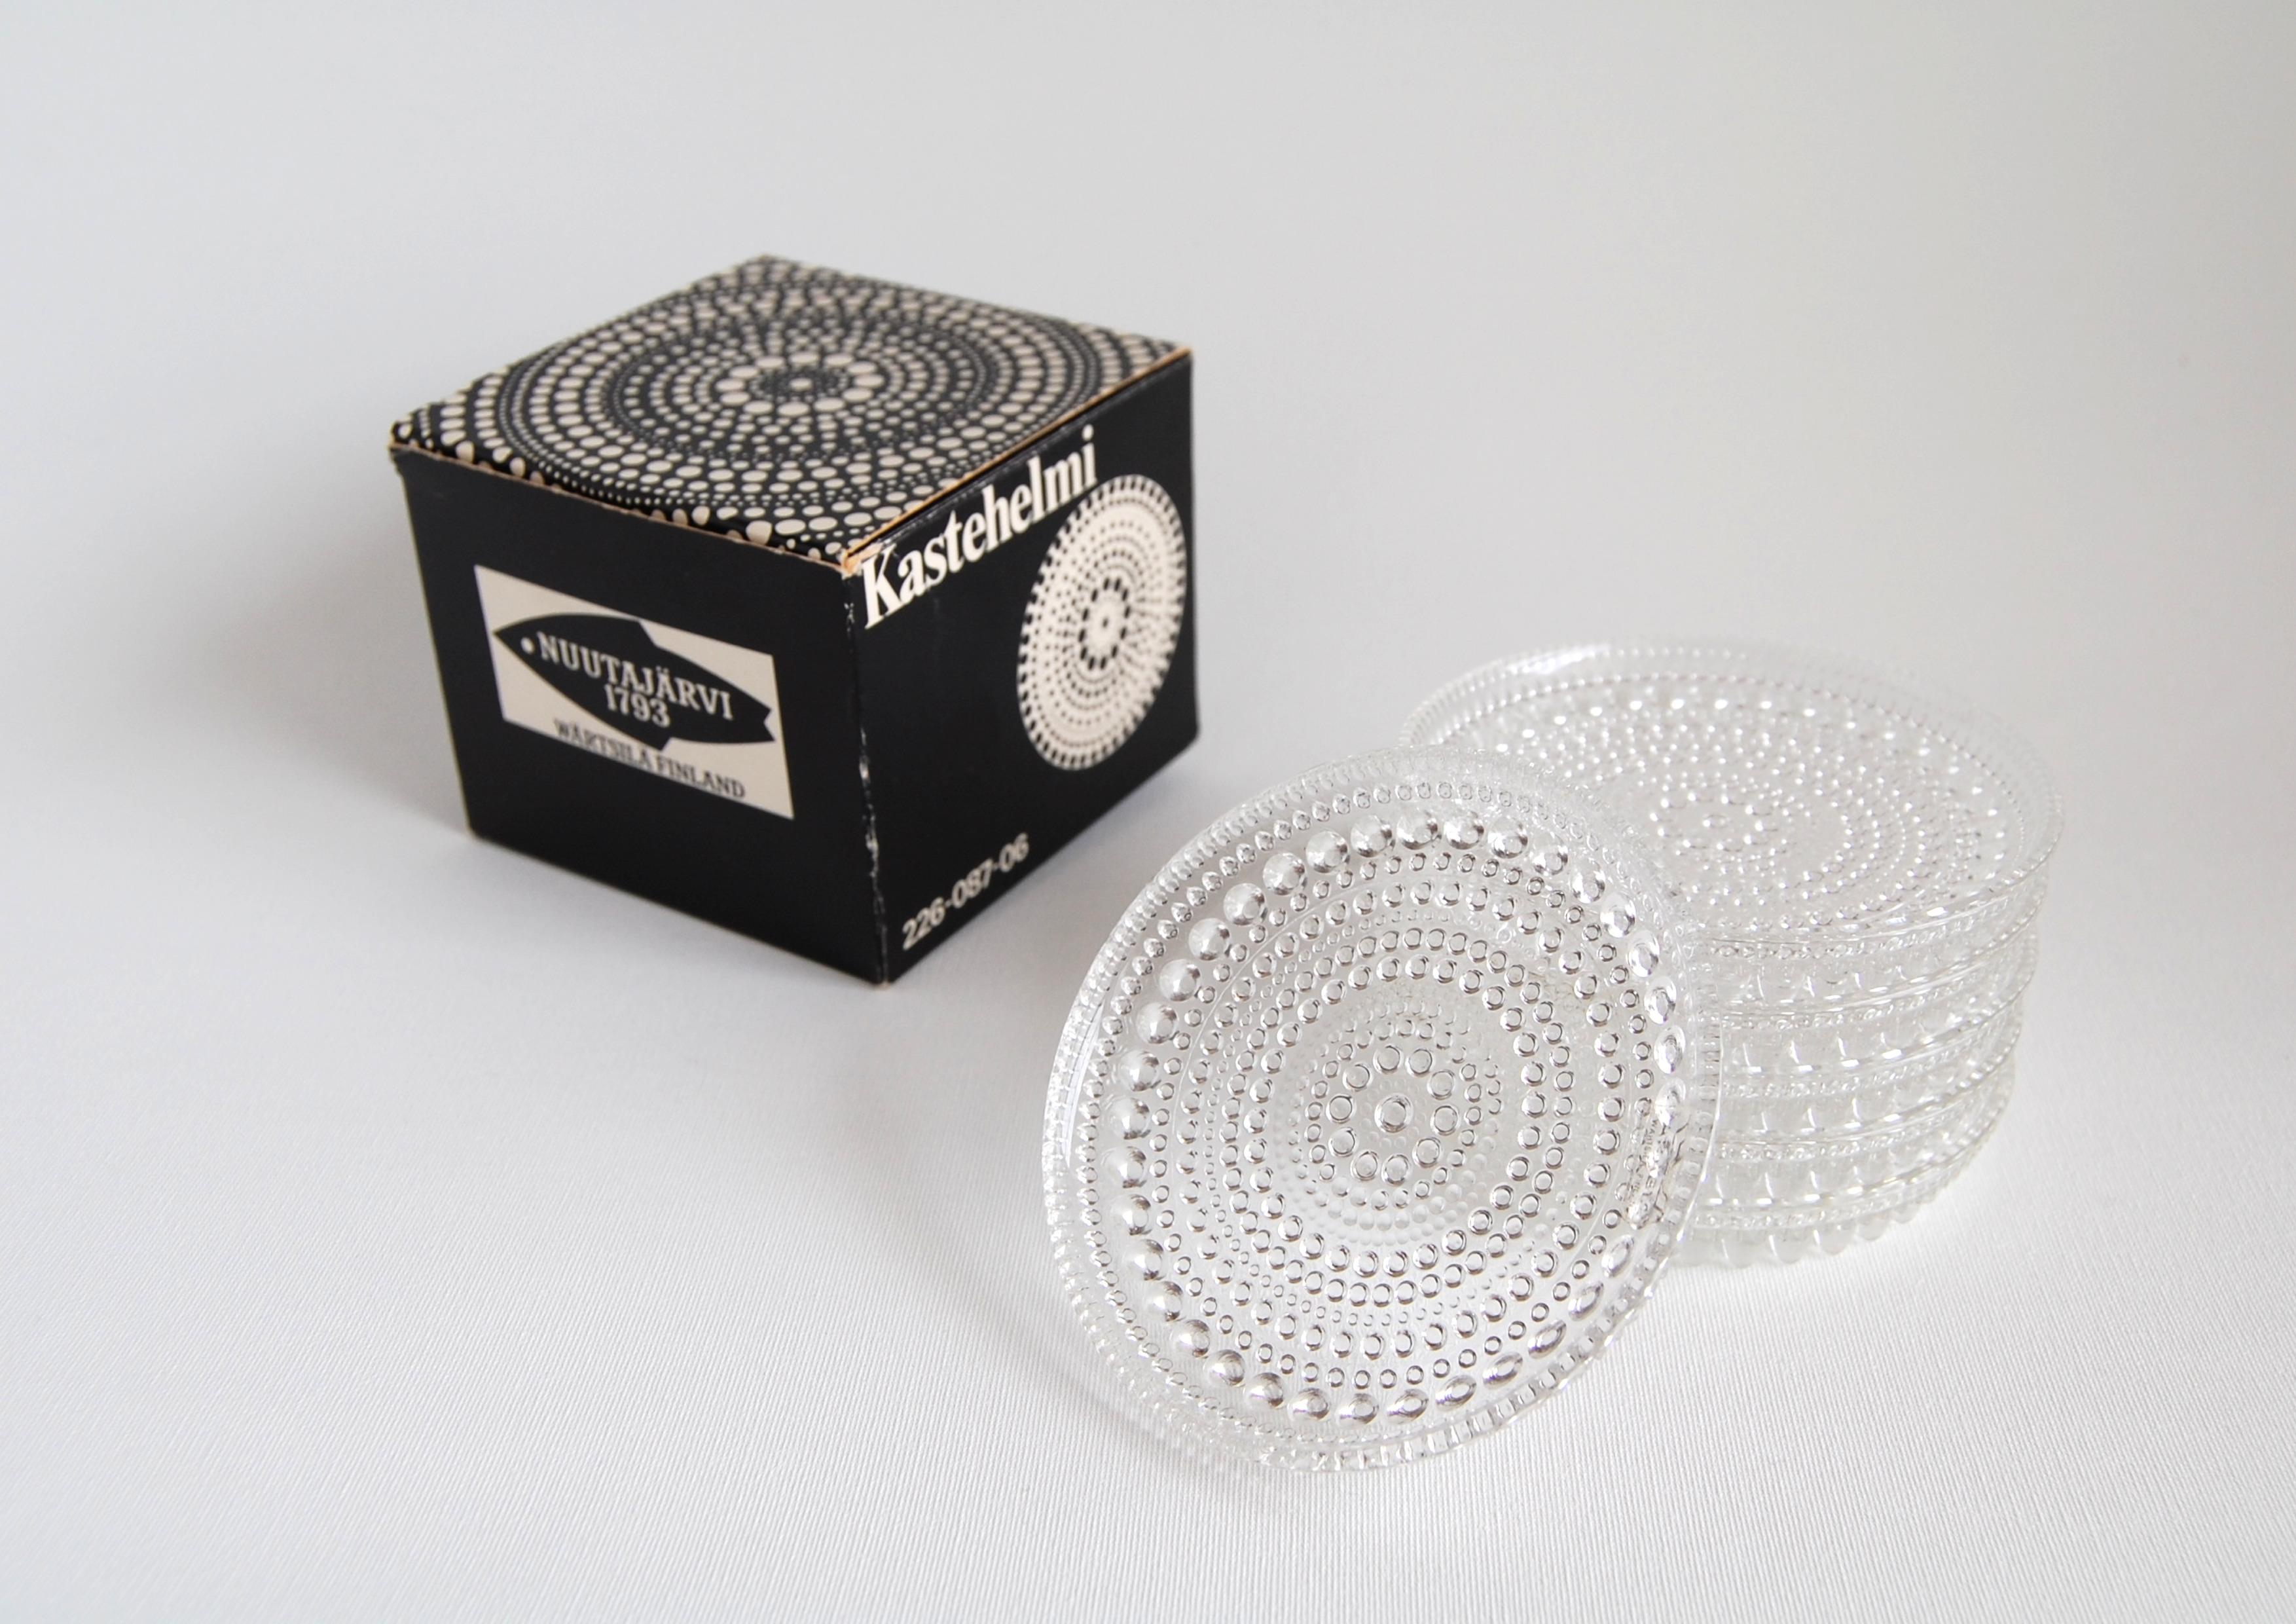 Nuutajarvi/ヌータヤルヴィ Arabia/アラビア Kastehelmi/カステヘルミ 8.5cmプレート 6枚セット 箱付き